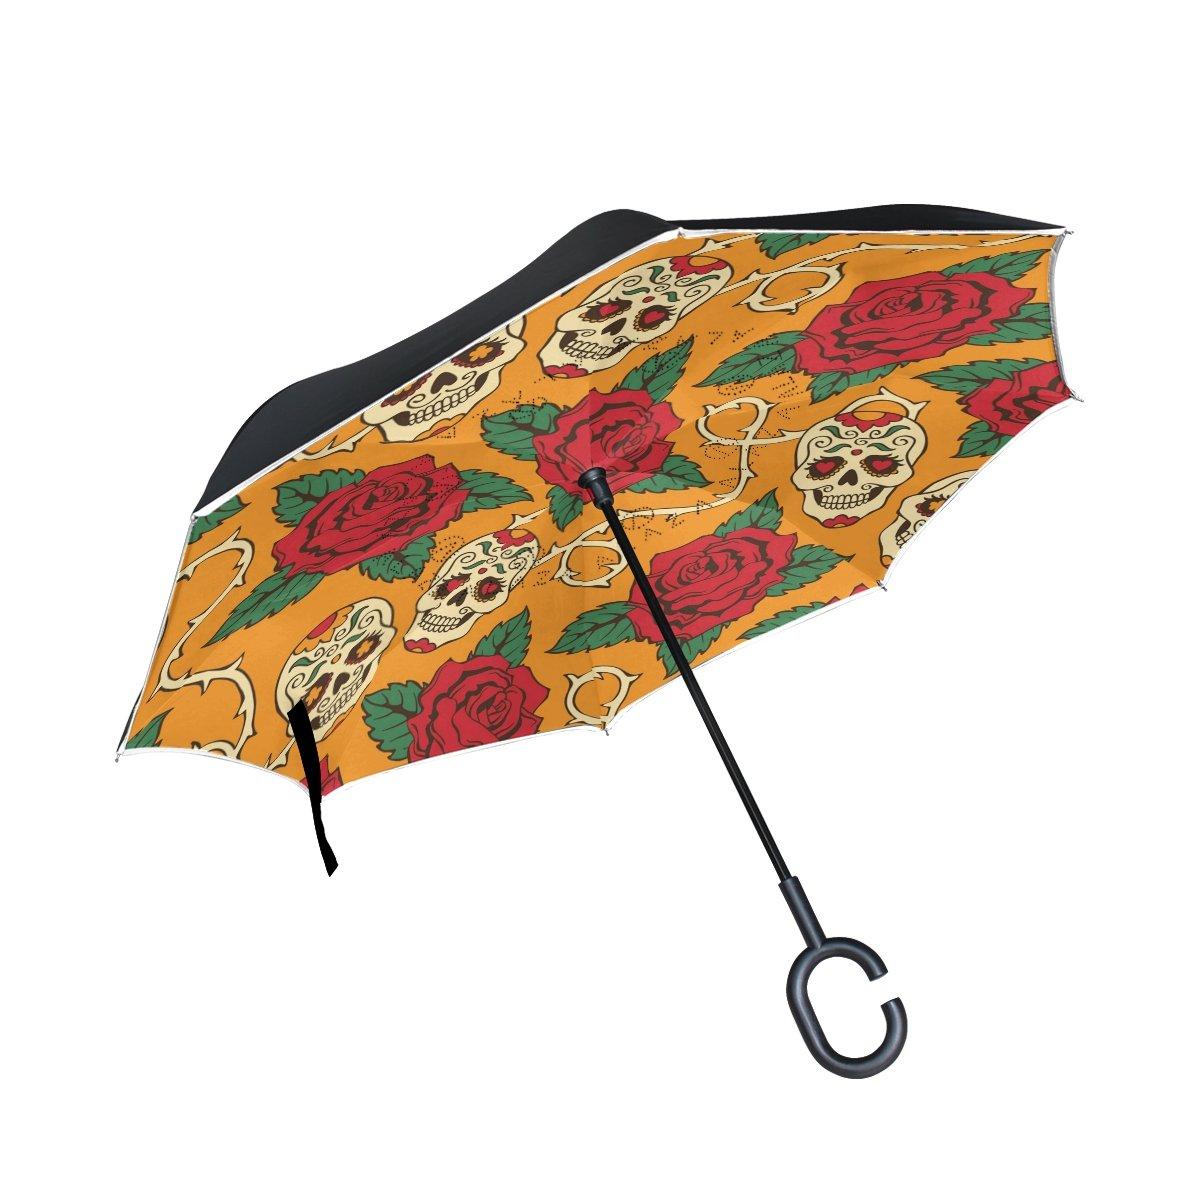 Bennigiry Envers Parapluie 10+ inversé Parapluie double couche Rose Tête de mort Parapluie coupe-vent protection UV avec poignée en forme de C